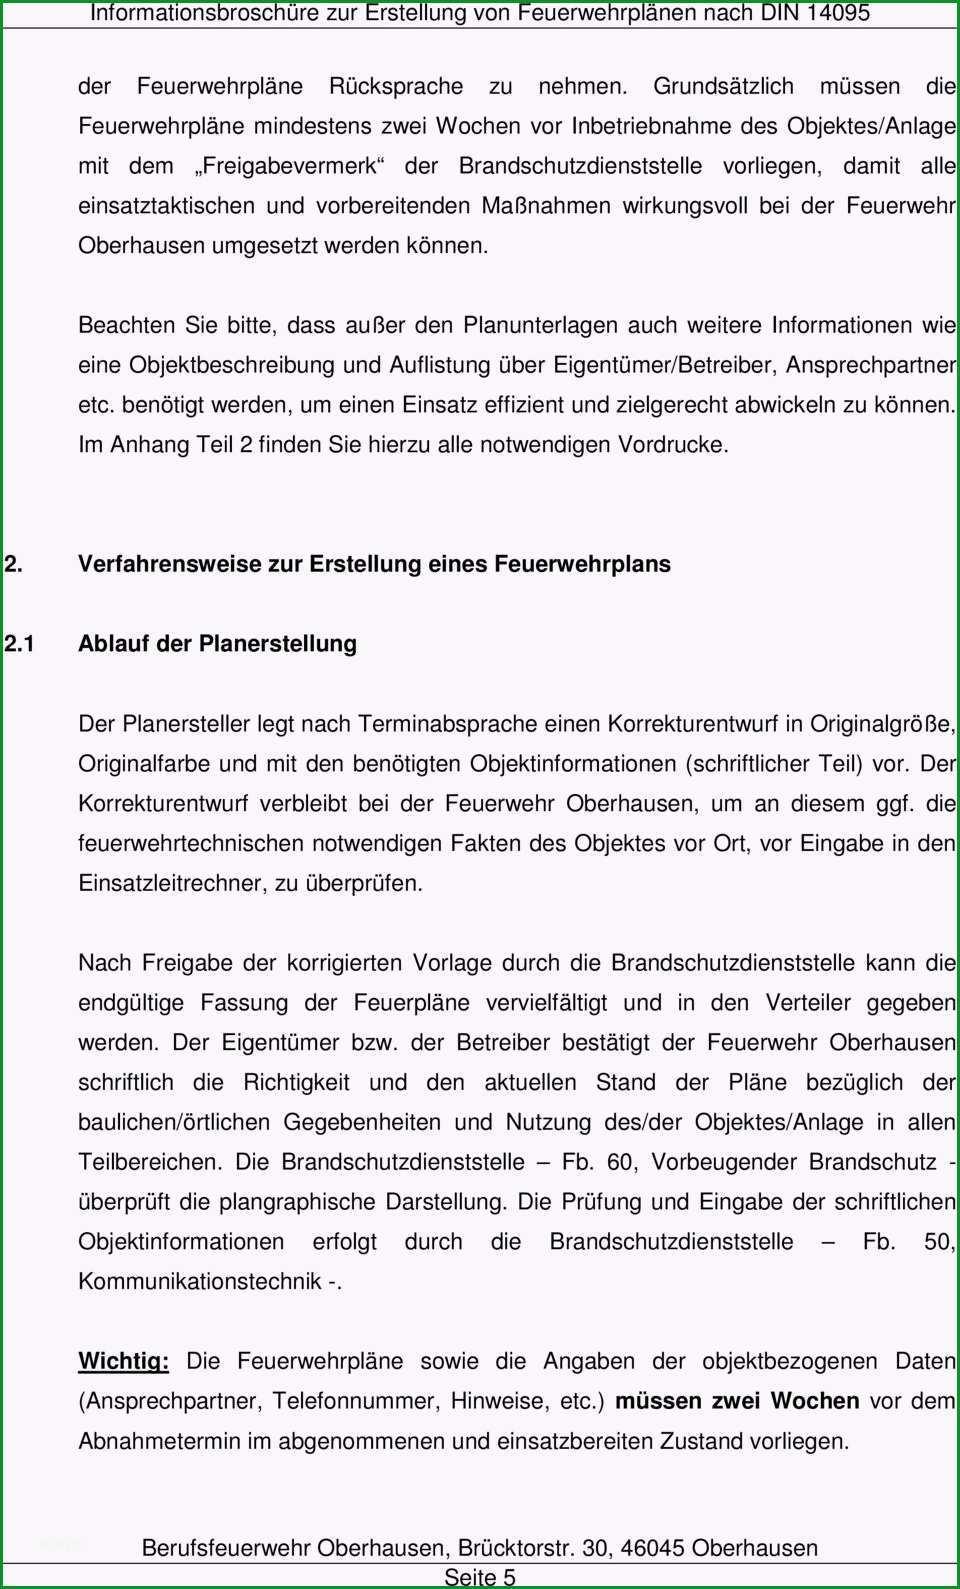 Berufsfeuerwehr oberhausen information zur erstellung von feuerwehrplaenen nach din